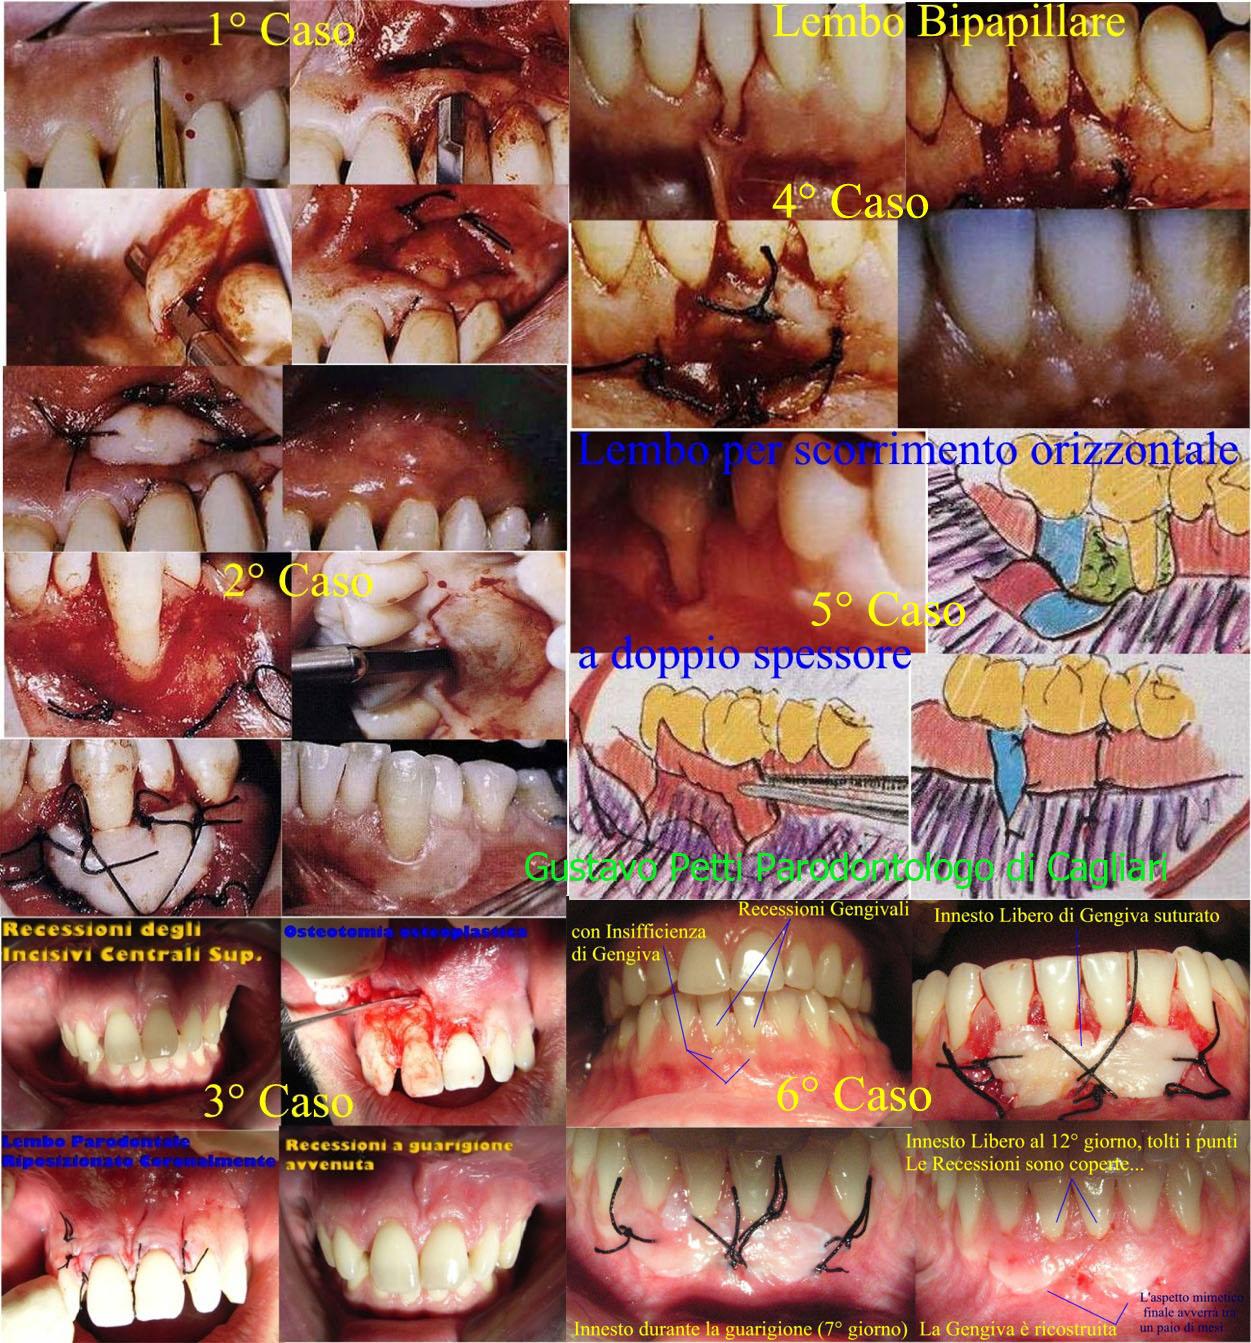 petti-gustavo-parodontologo-ca-recessioni-21.jpg